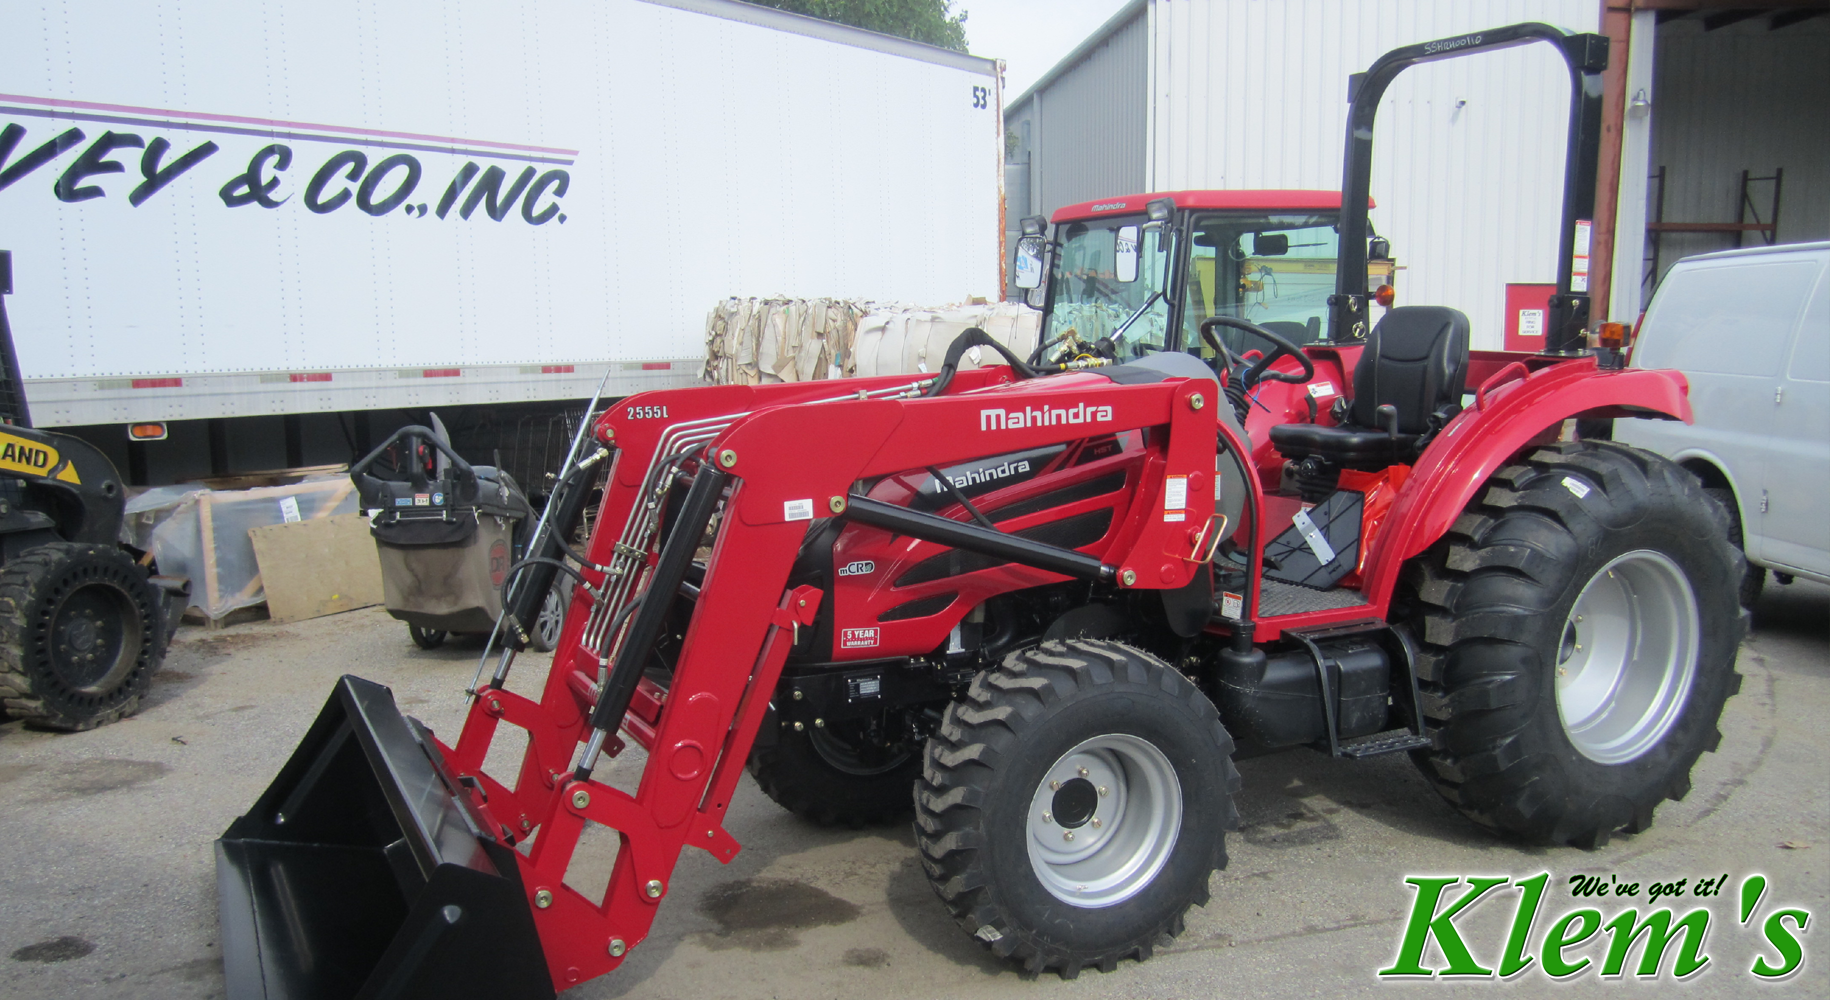 Tractors Amp Equipment Outdoor Power Tools Service